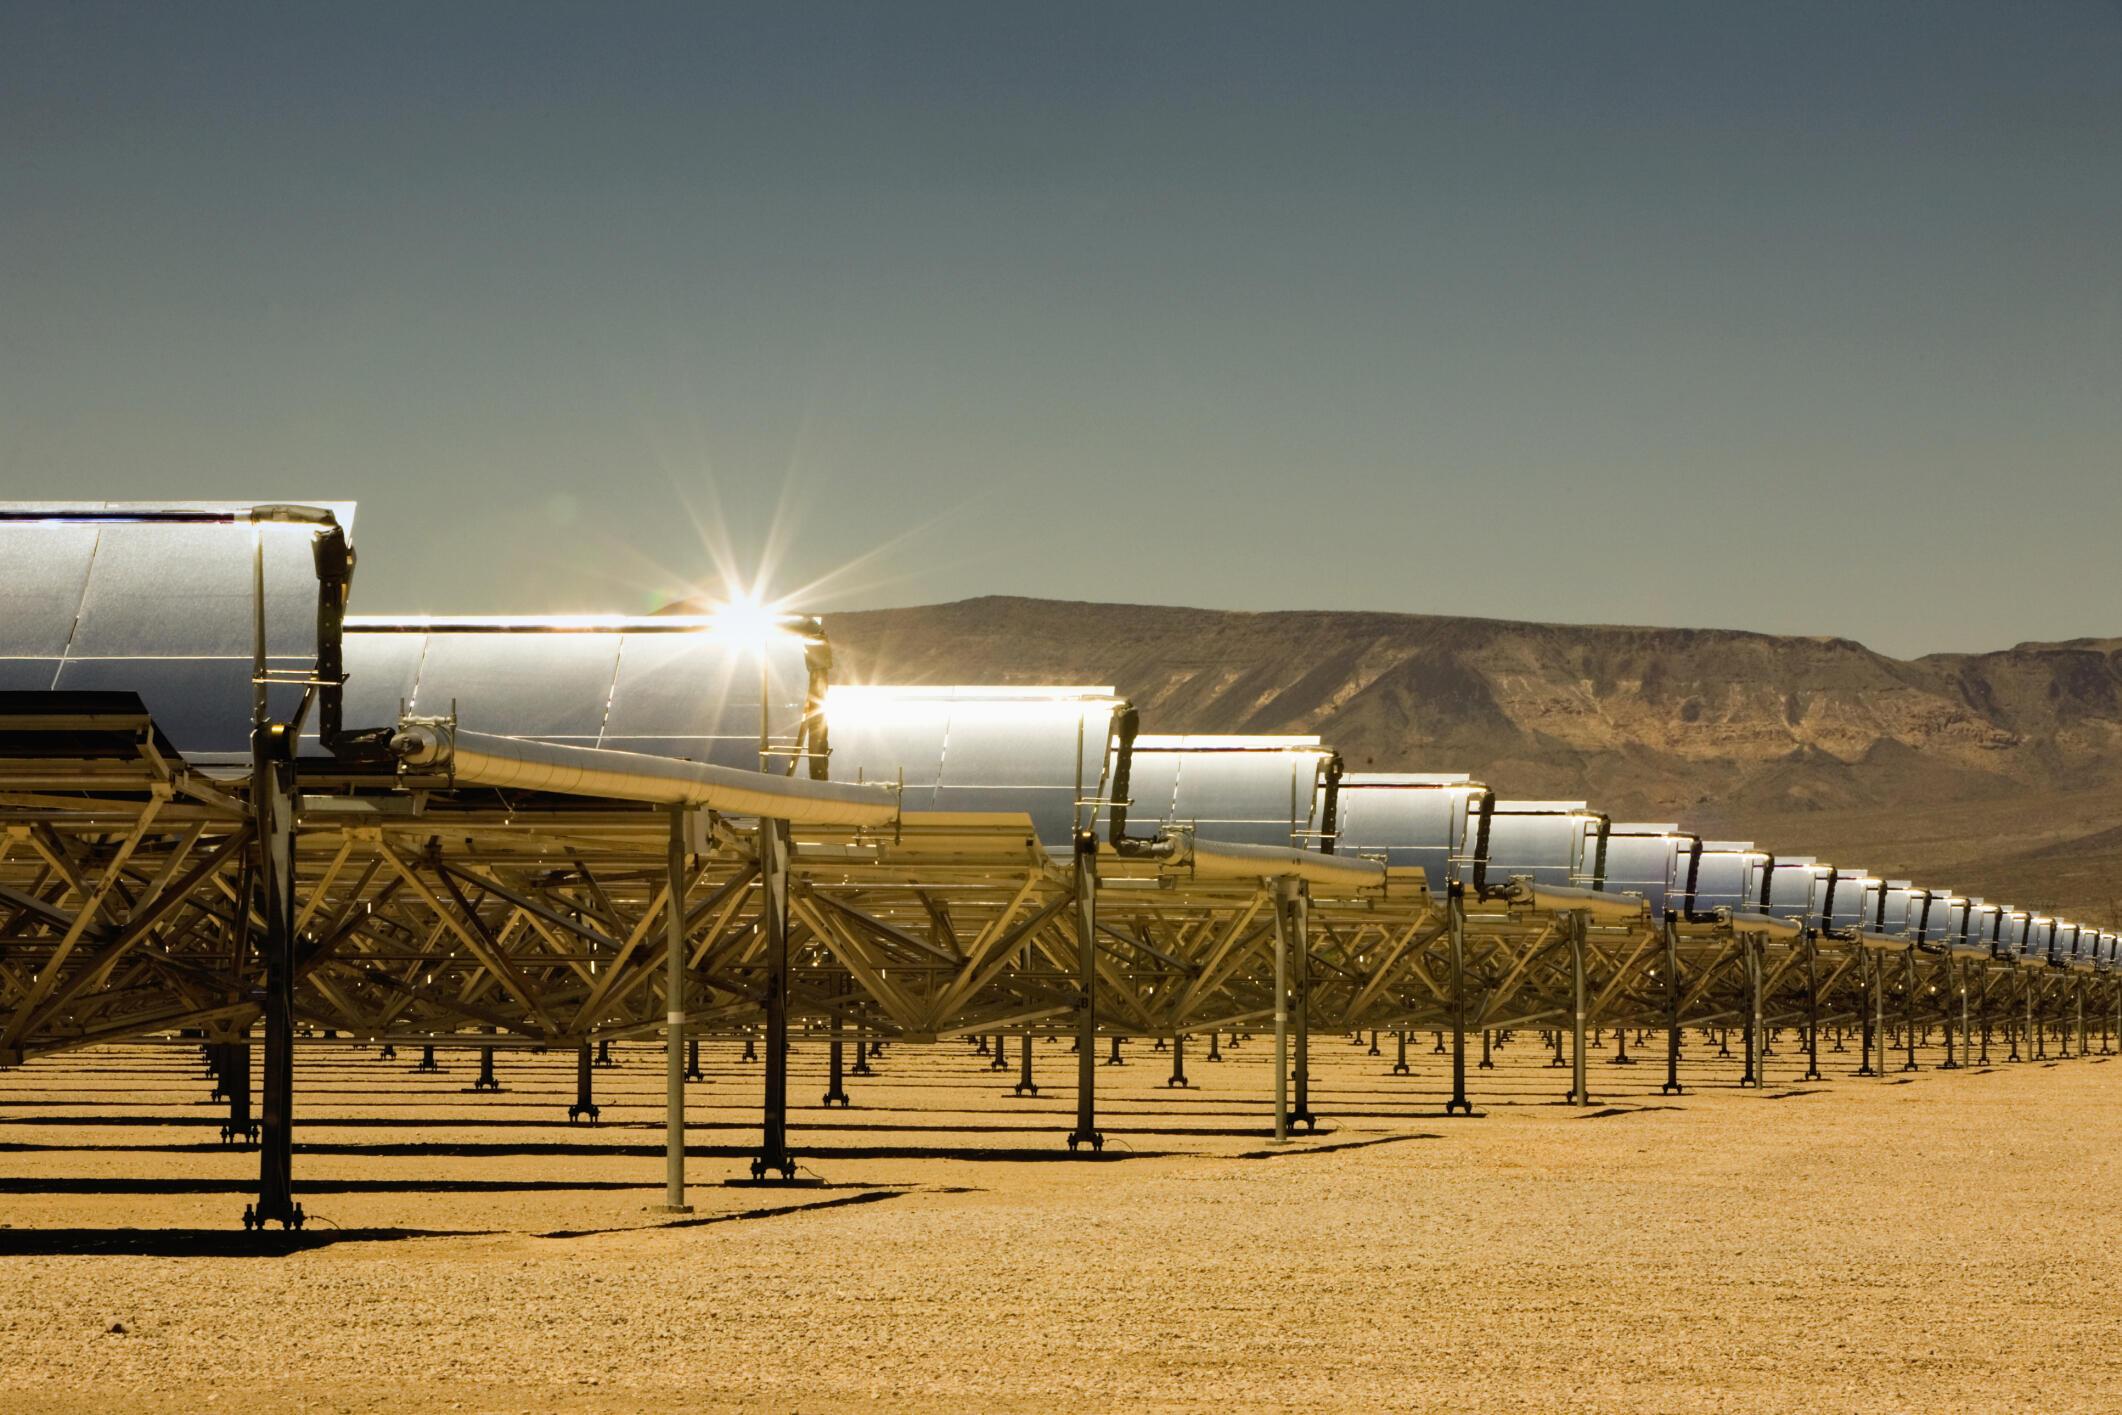 La centrale d'Ashalim pourra produire 121 mégawatts pour la première tranche du projet, de quoi alimenter 120 000 foyers israéliens. (photo d'illustration)